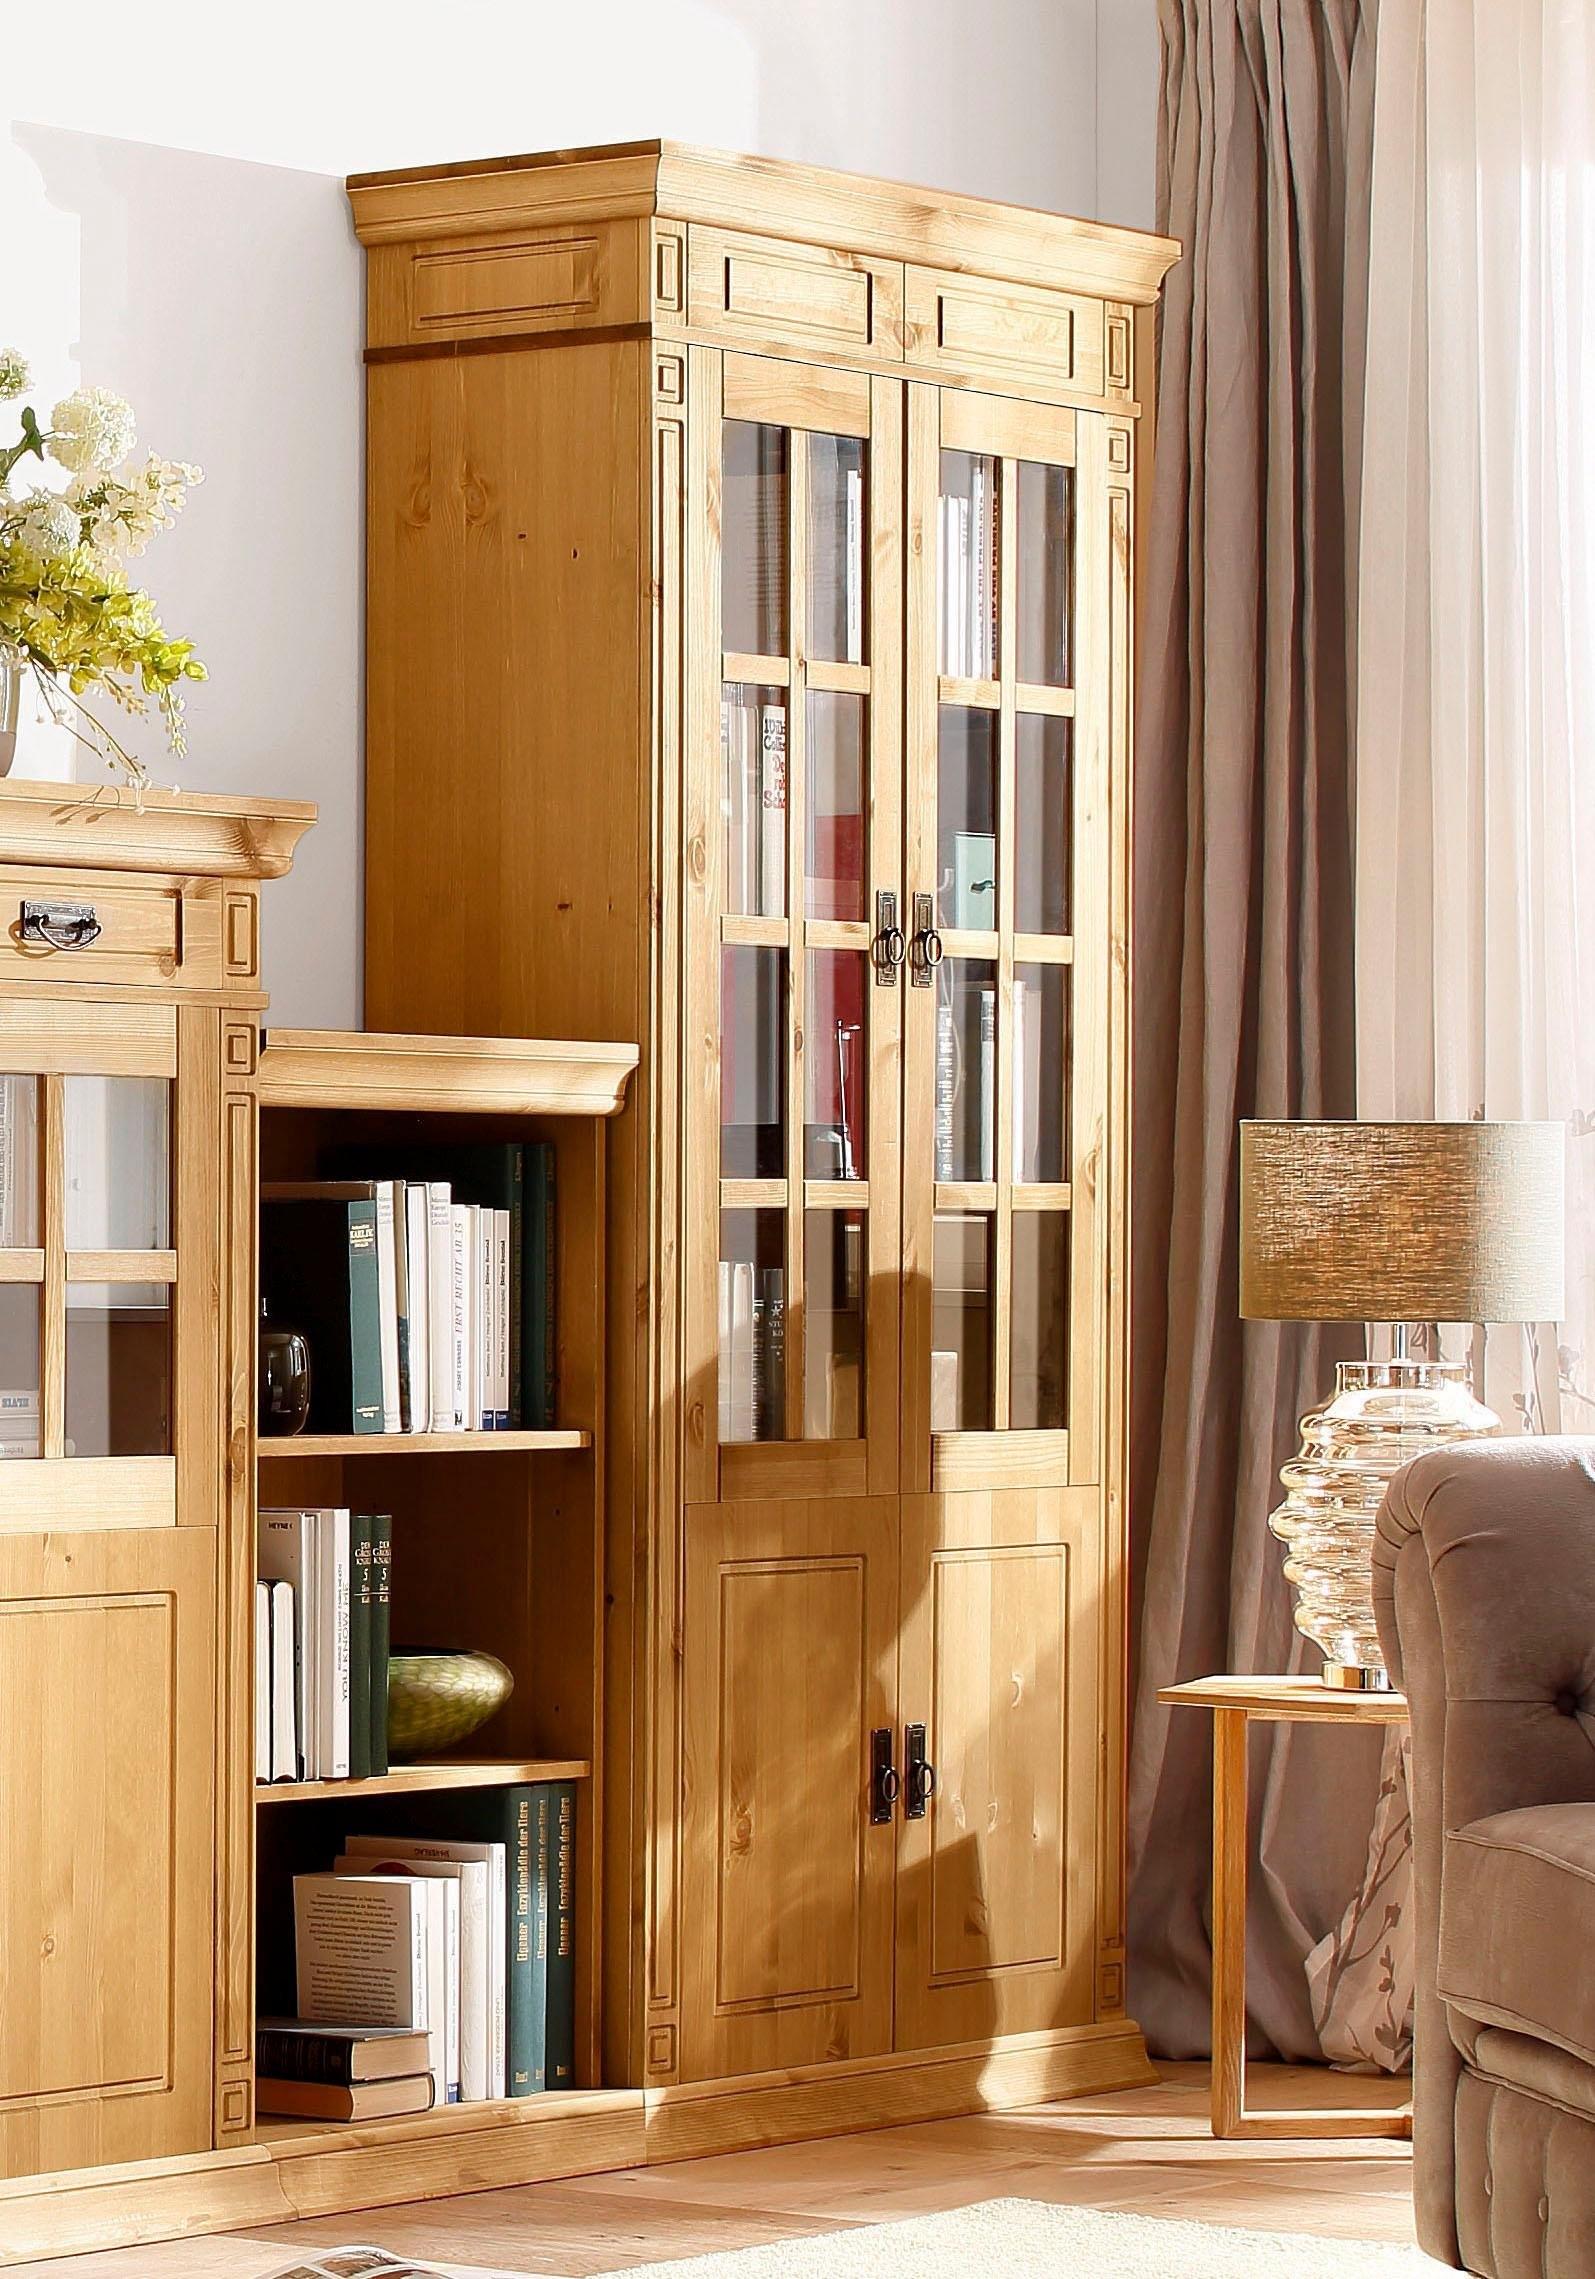 Home affaire vitrinekast Vinales , hoogte 196 cm goedkoop op otto.nl kopen